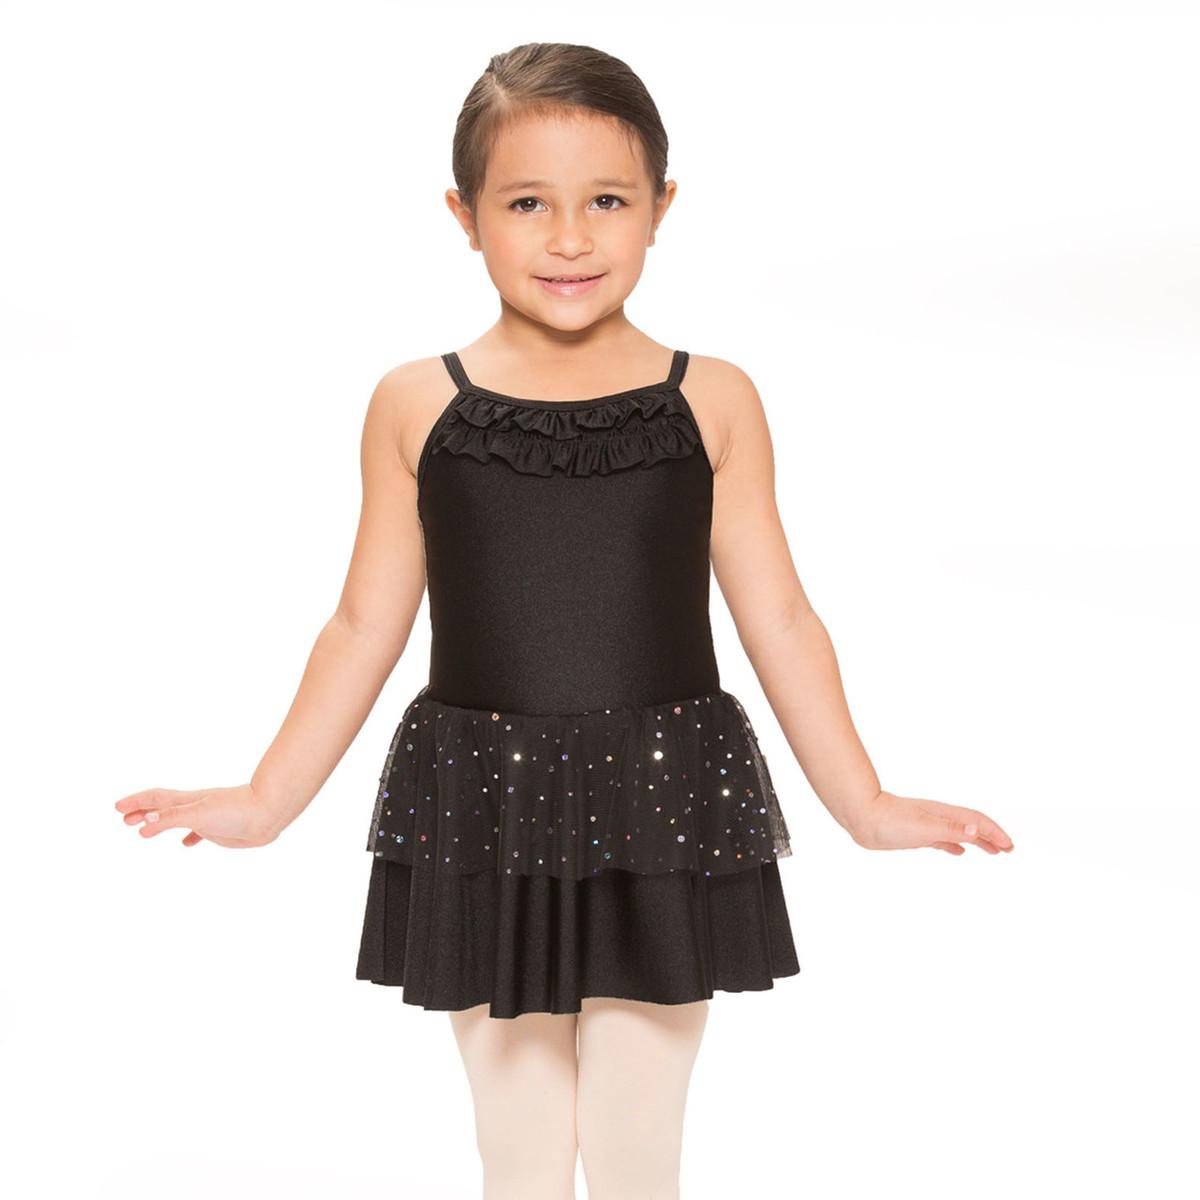 GIRL'S SPARKLE DRESS